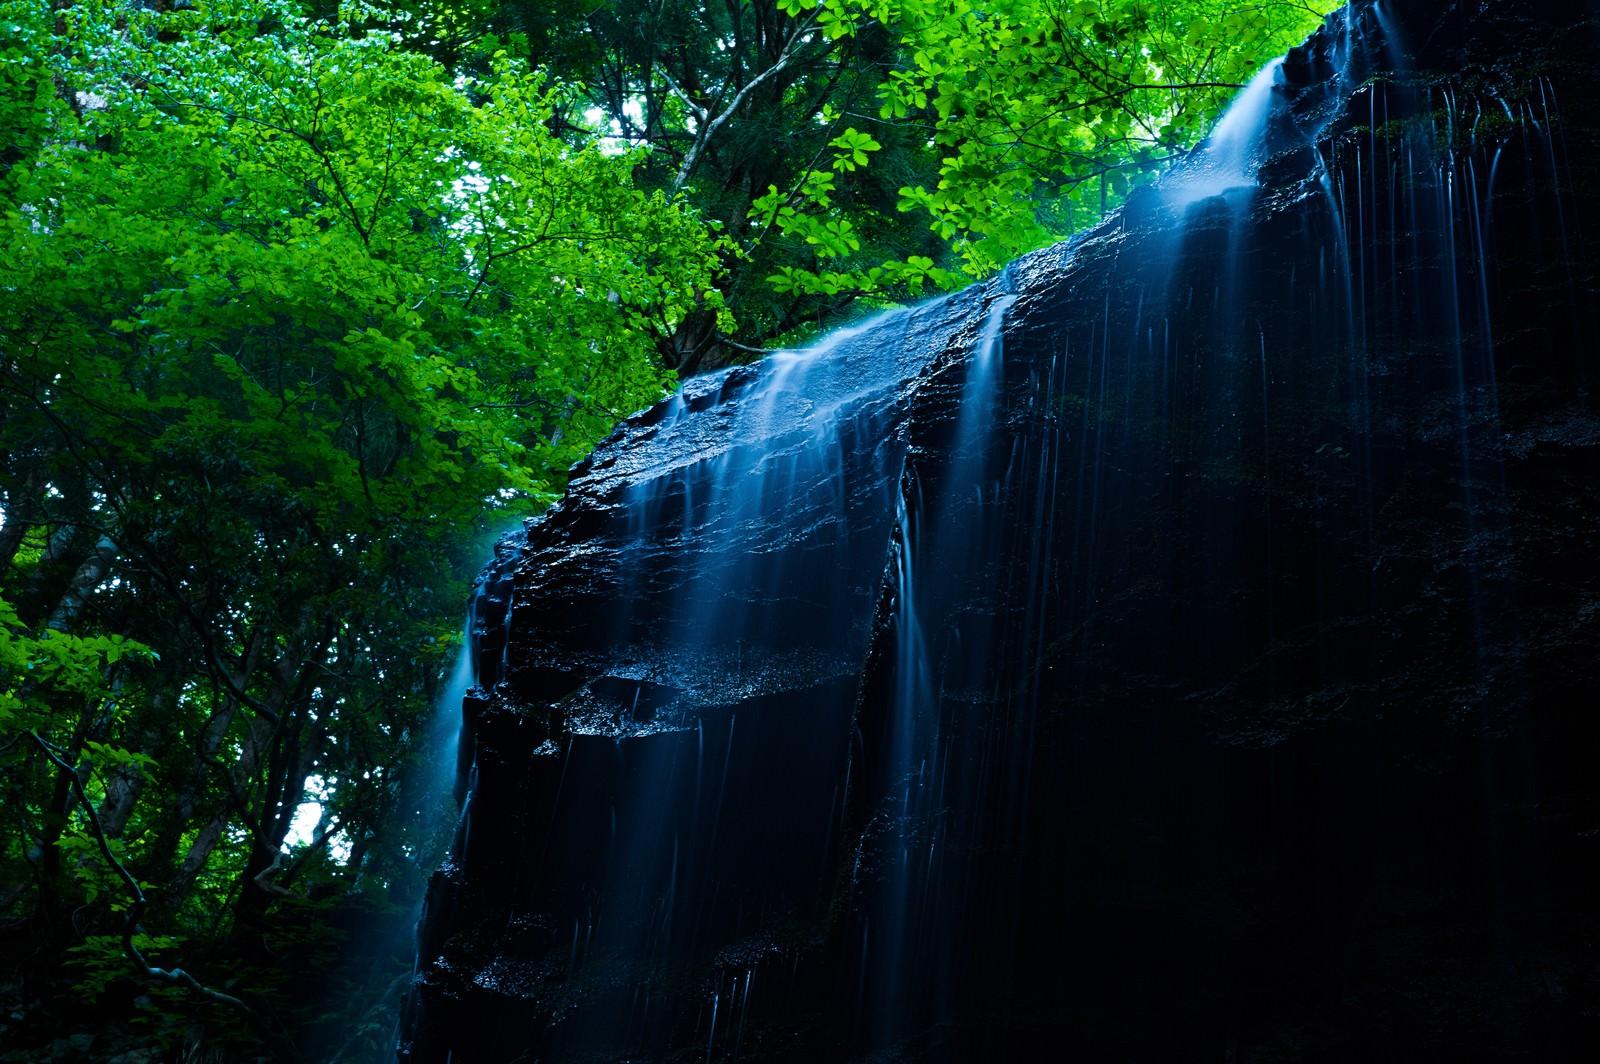 「鏡野町随一のフォトジェニックな場所、岩井滝」の写真